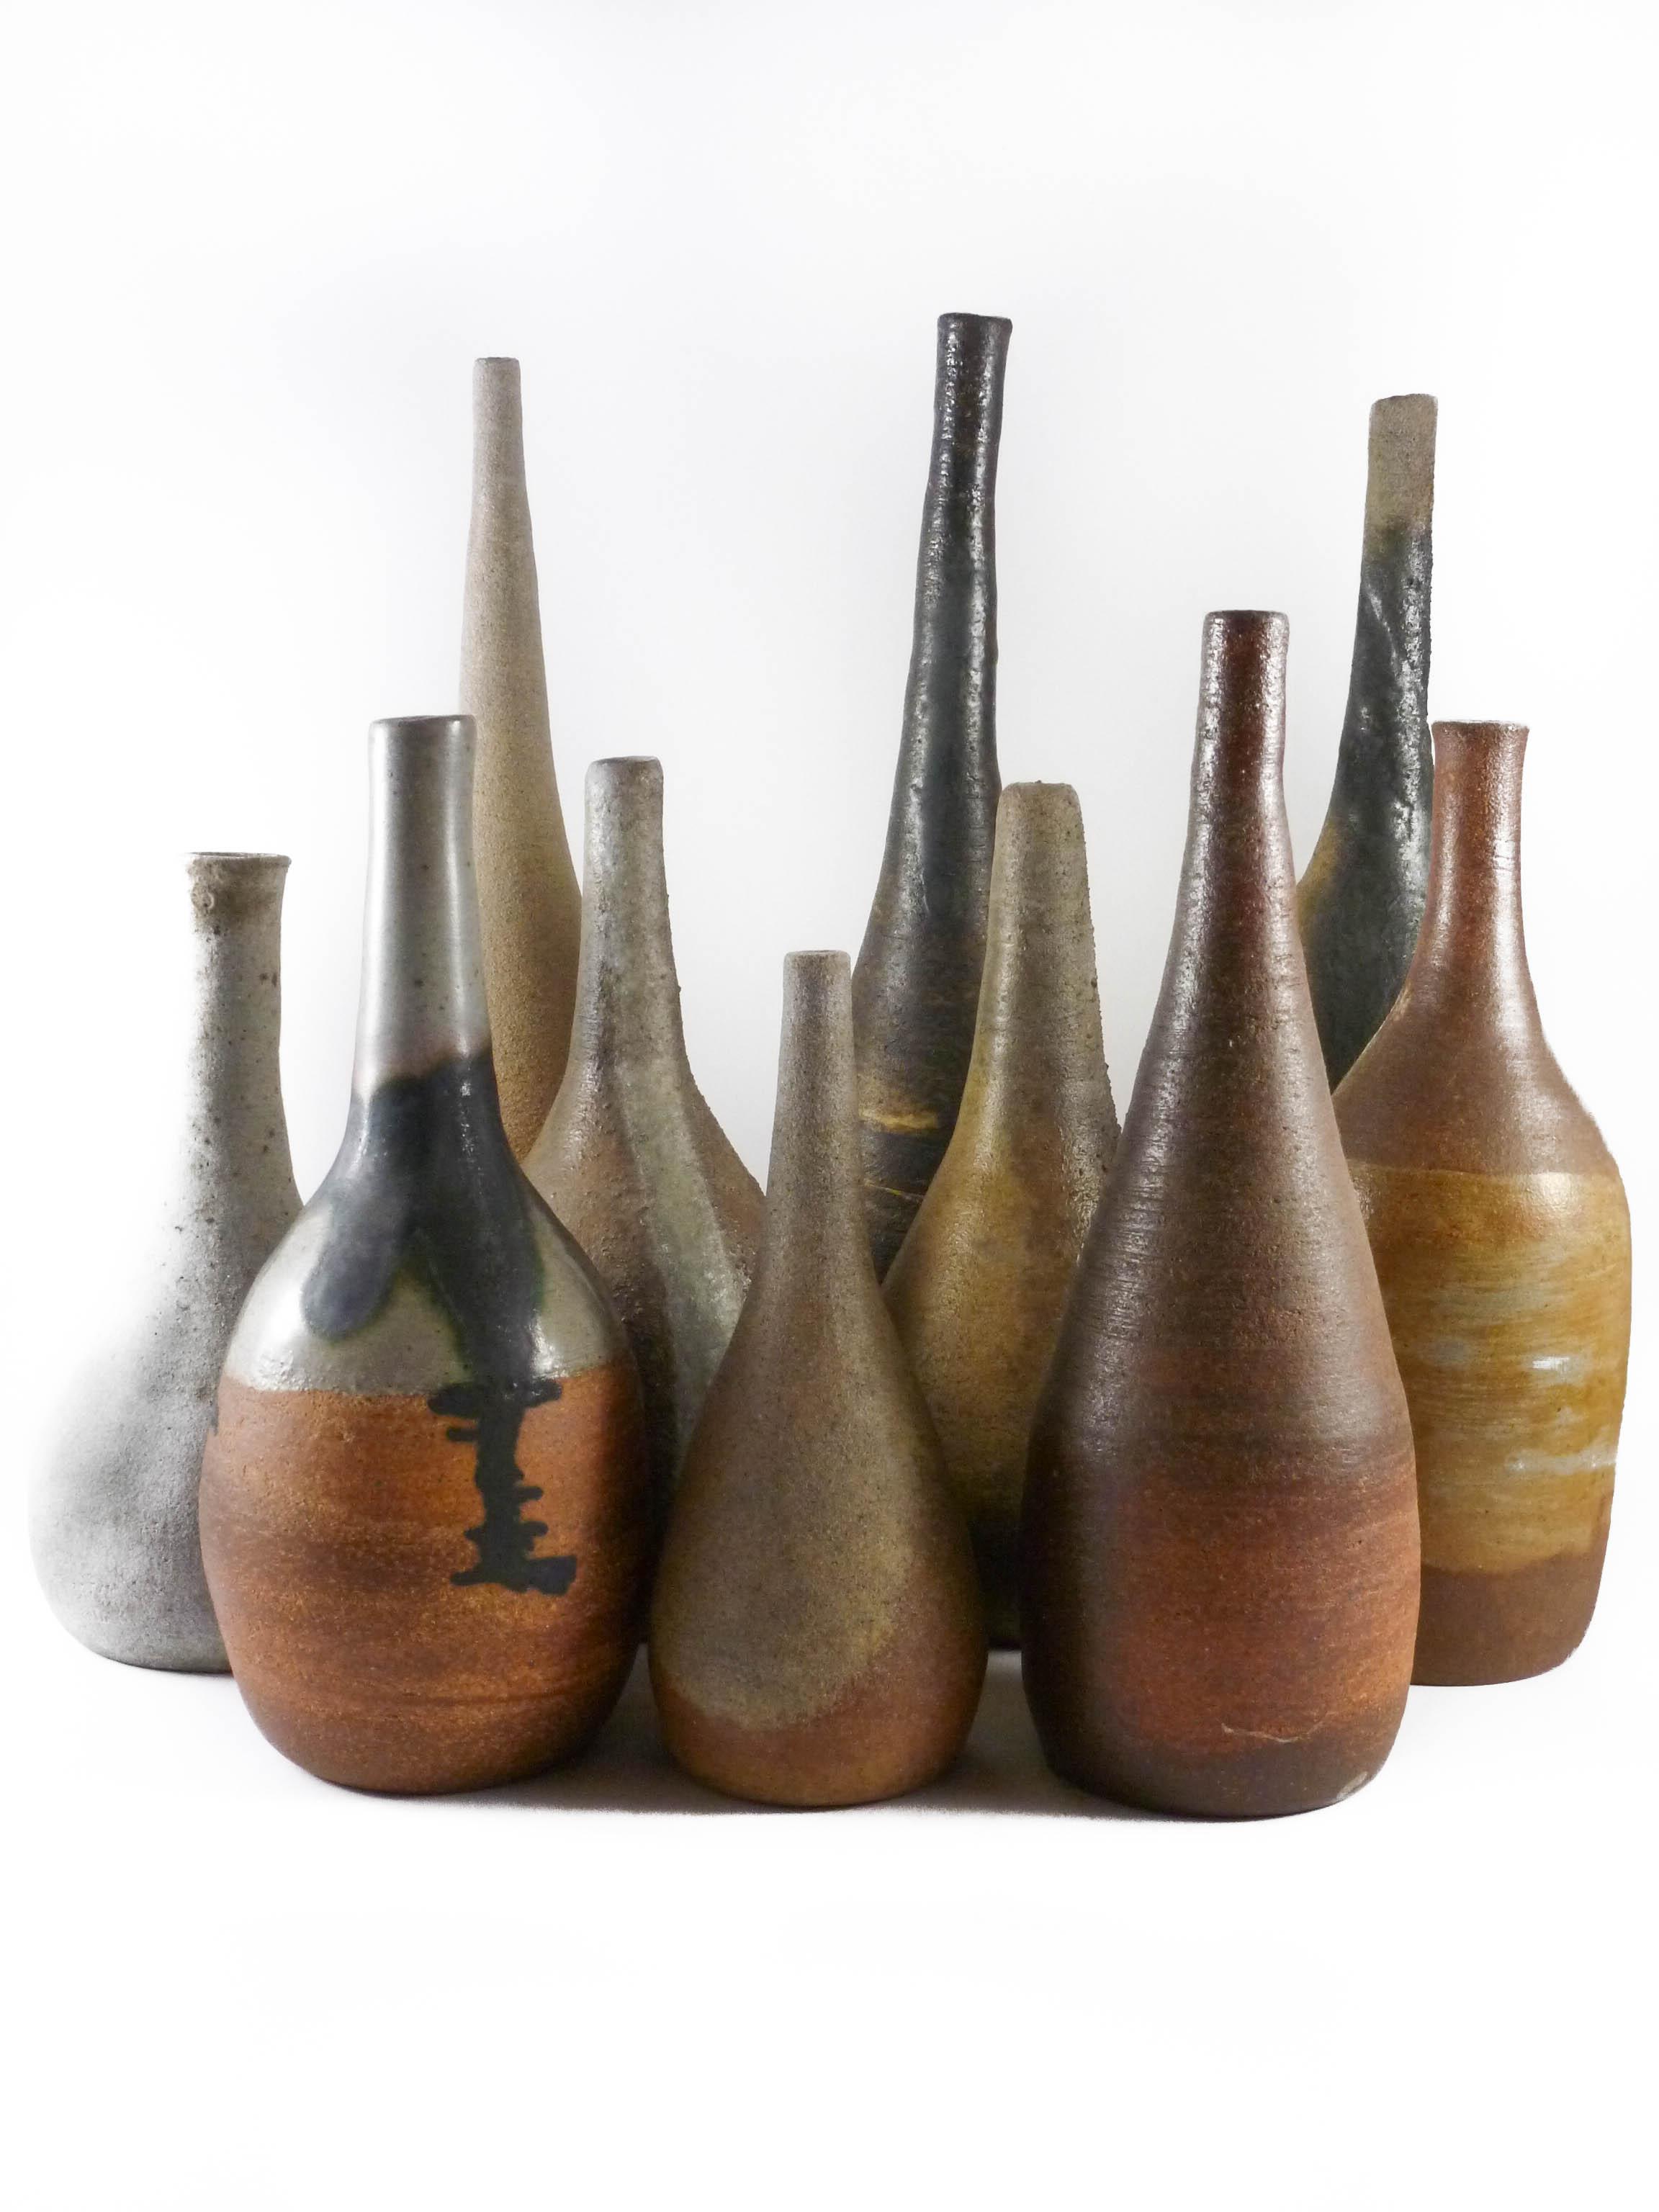 bottles_group1.jpg